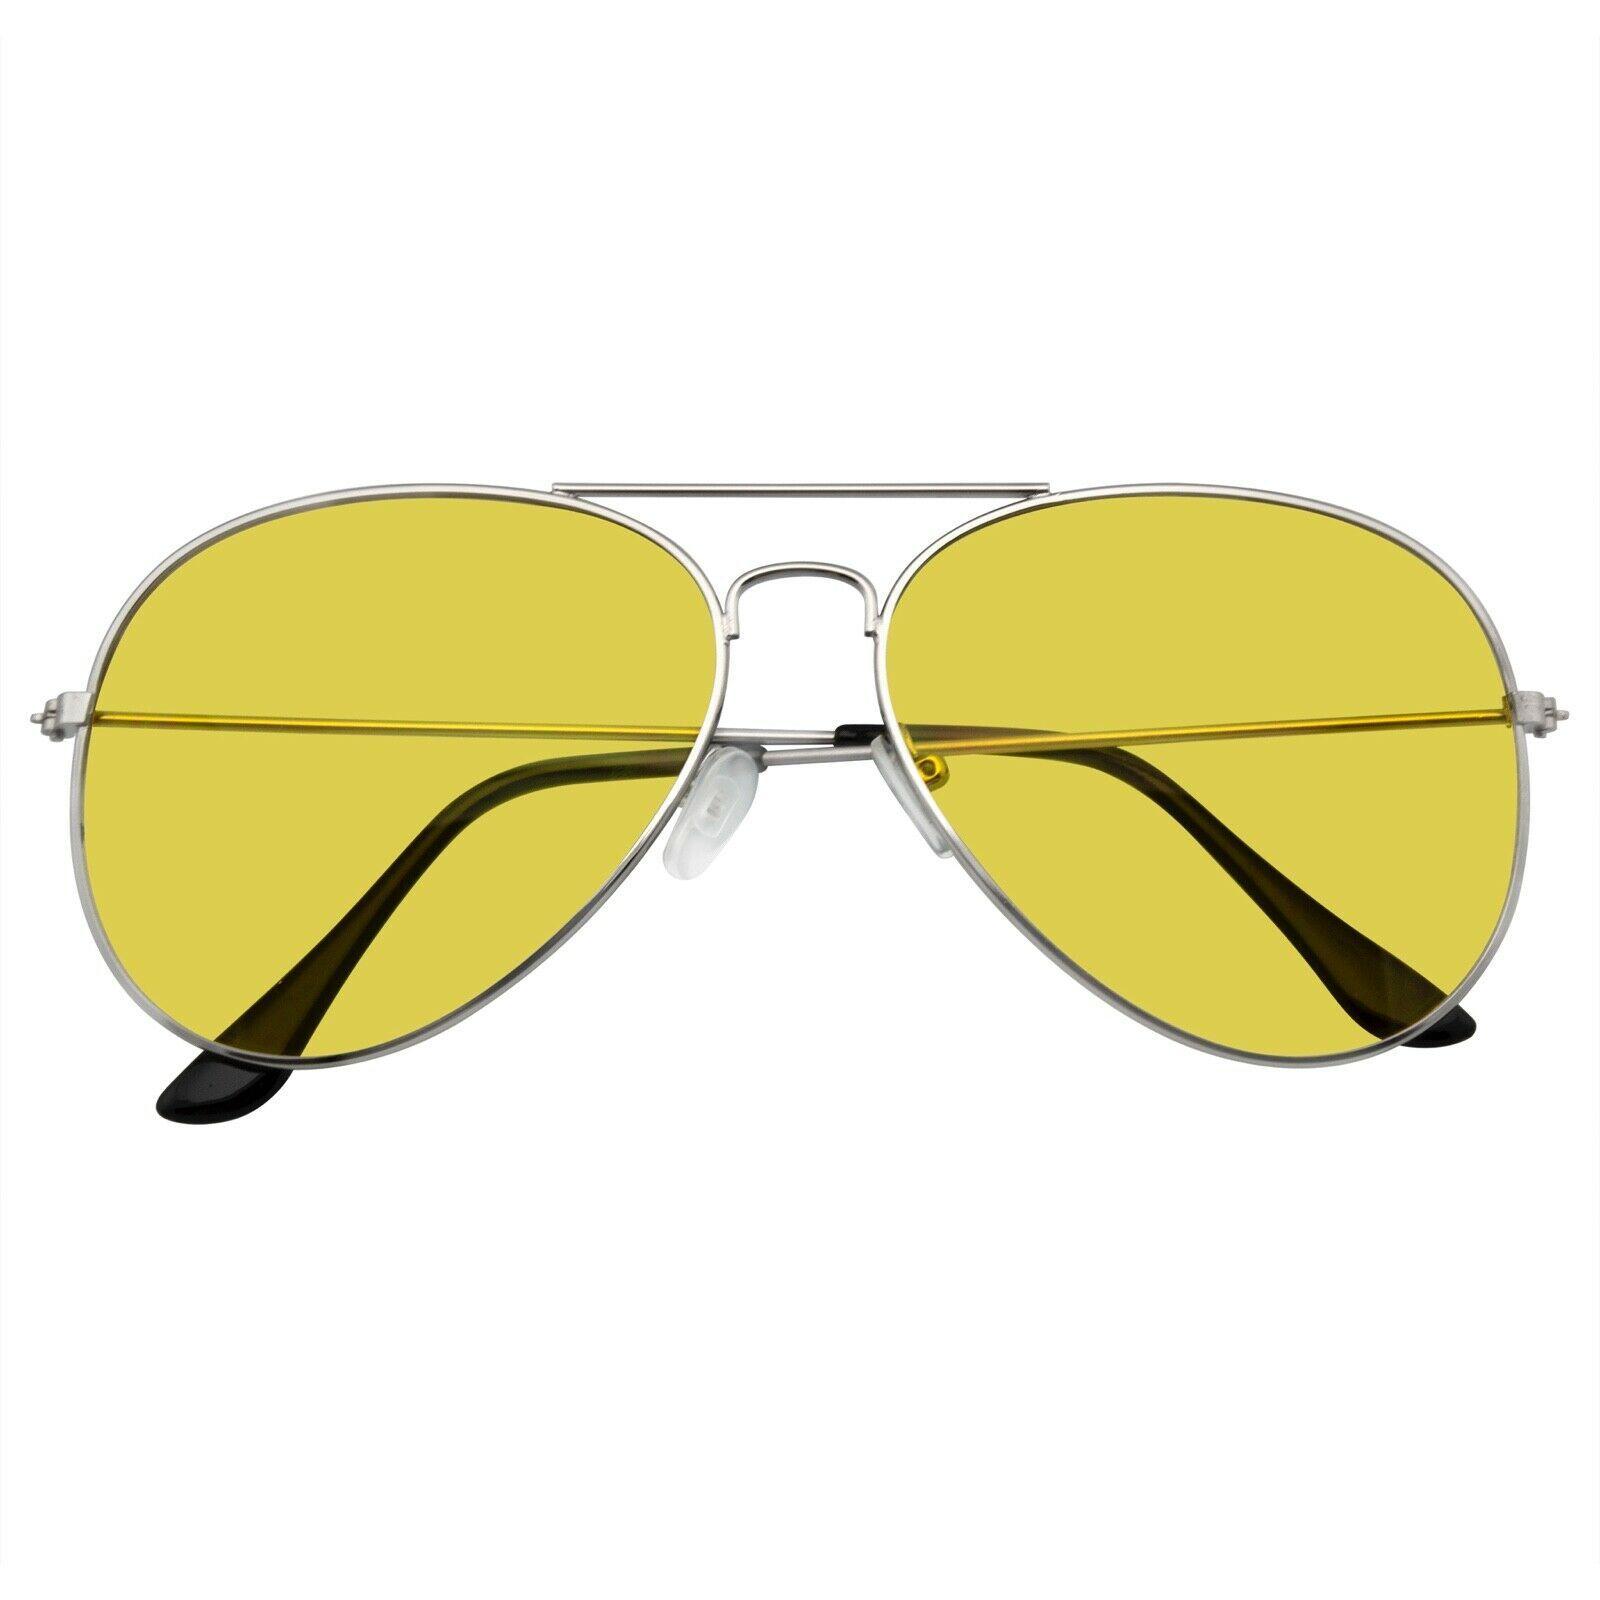 Gafas de Sol Noche Conducción UV400 Hombre Mujer Vision Amarillo Lente Unisex - $11.46